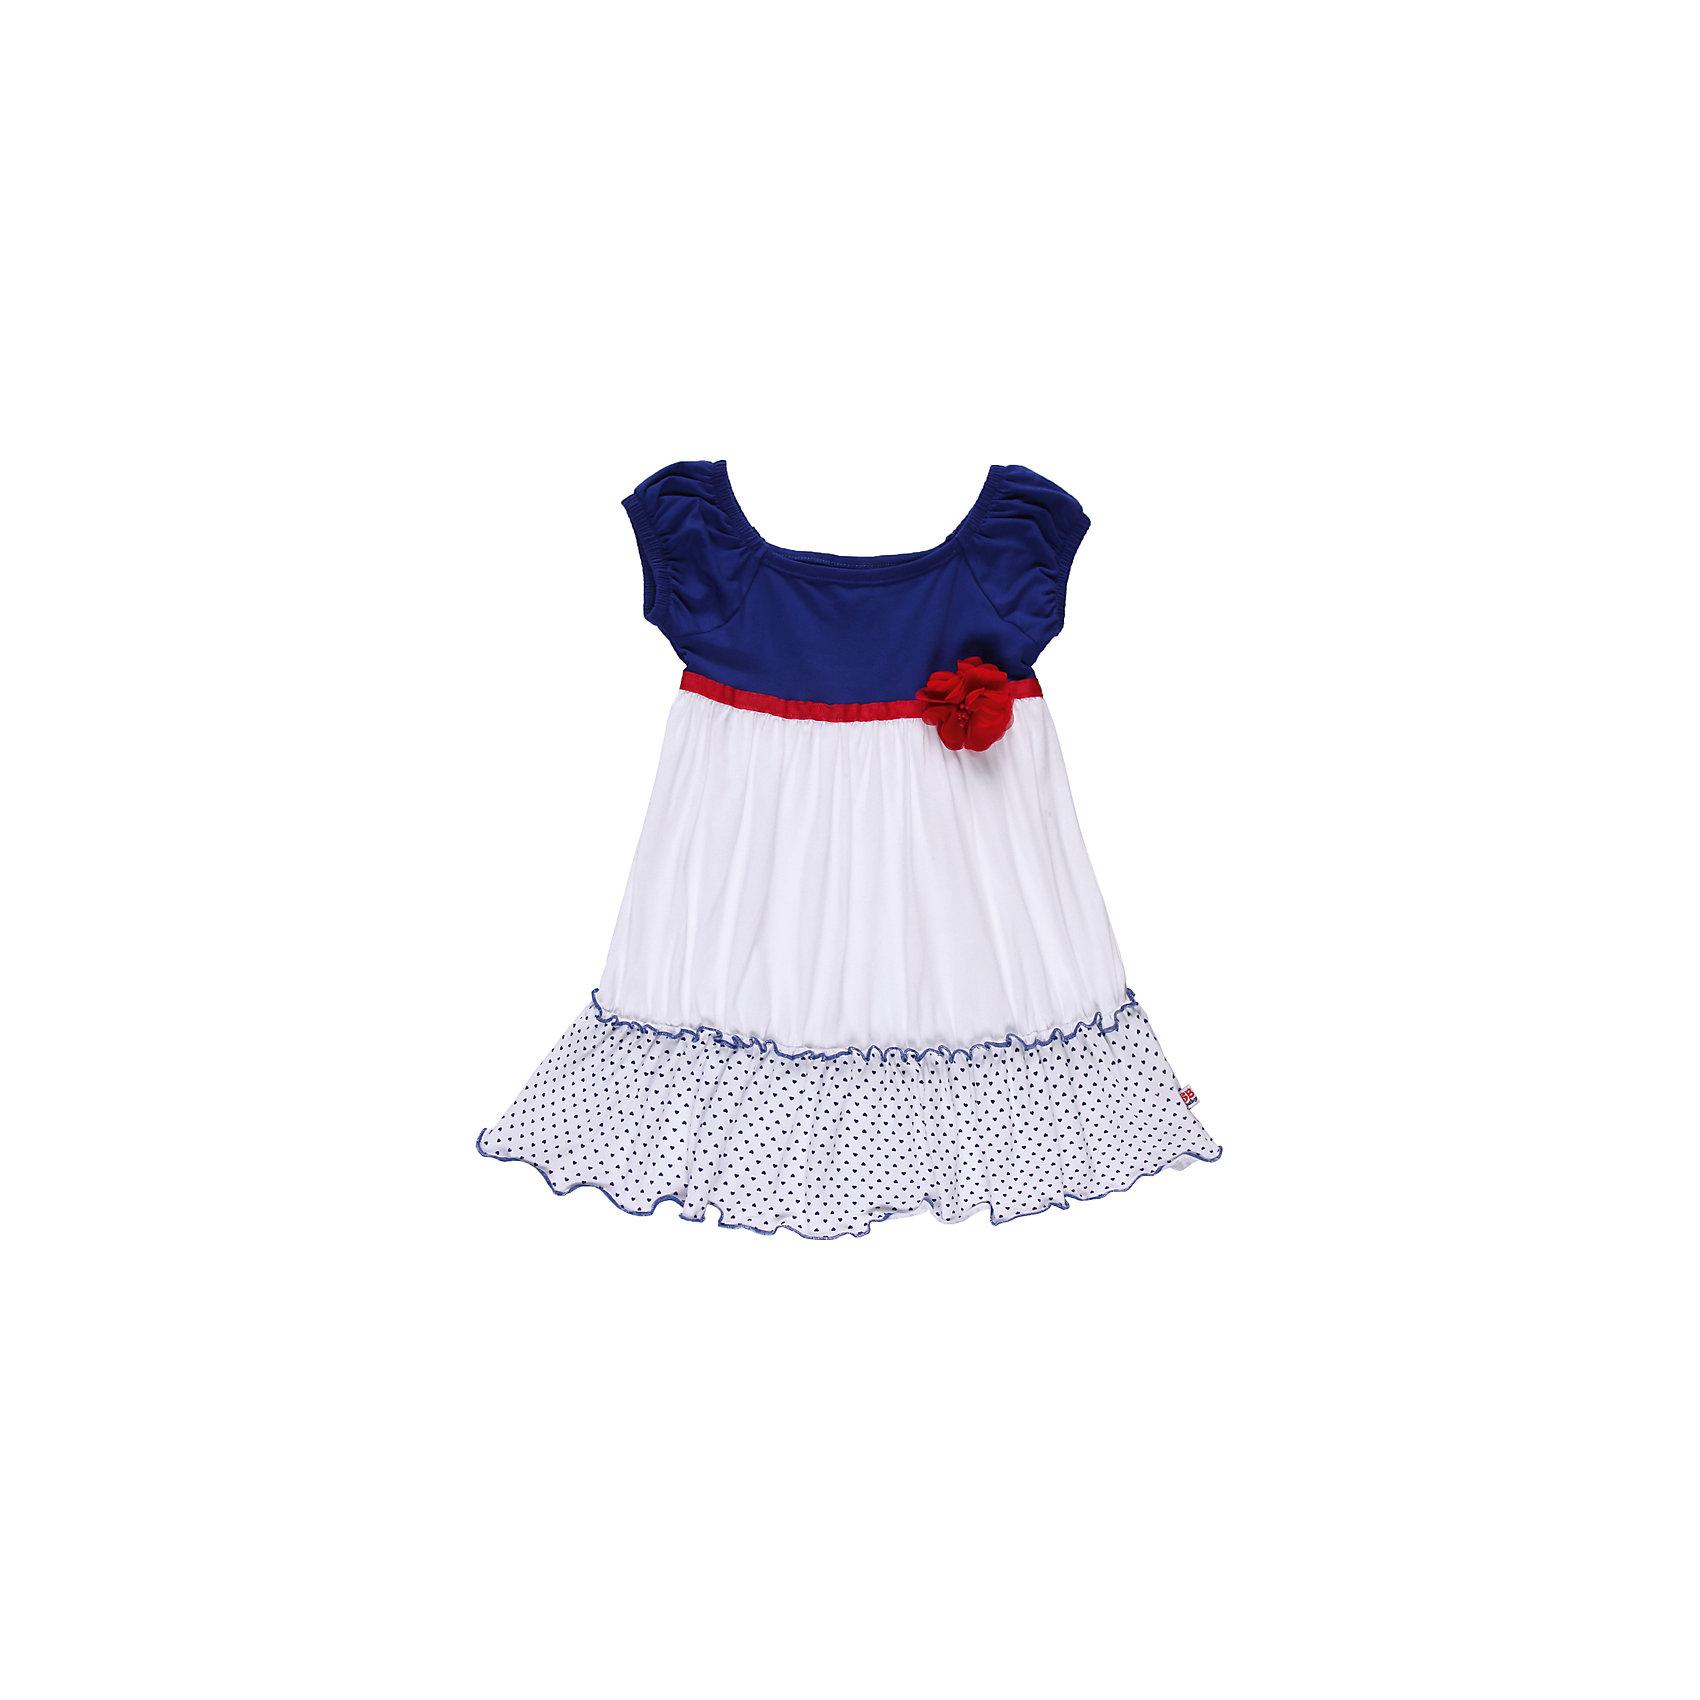 Платье для девочки Sweet BerryПлатья<br>Трикотажное платье из эластичного трикотажа. Украшено лентой и цветком.Горловина регулируется эластичной резинкой.<br>Состав:<br>95% хлопок, 5% эластан<br><br>Ширина мм: 236<br>Глубина мм: 16<br>Высота мм: 184<br>Вес г: 177<br>Цвет: синий/белый<br>Возраст от месяцев: 9<br>Возраст до месяцев: 12<br>Пол: Женский<br>Возраст: Детский<br>Размер: 80,86,92,98<br>SKU: 4520425